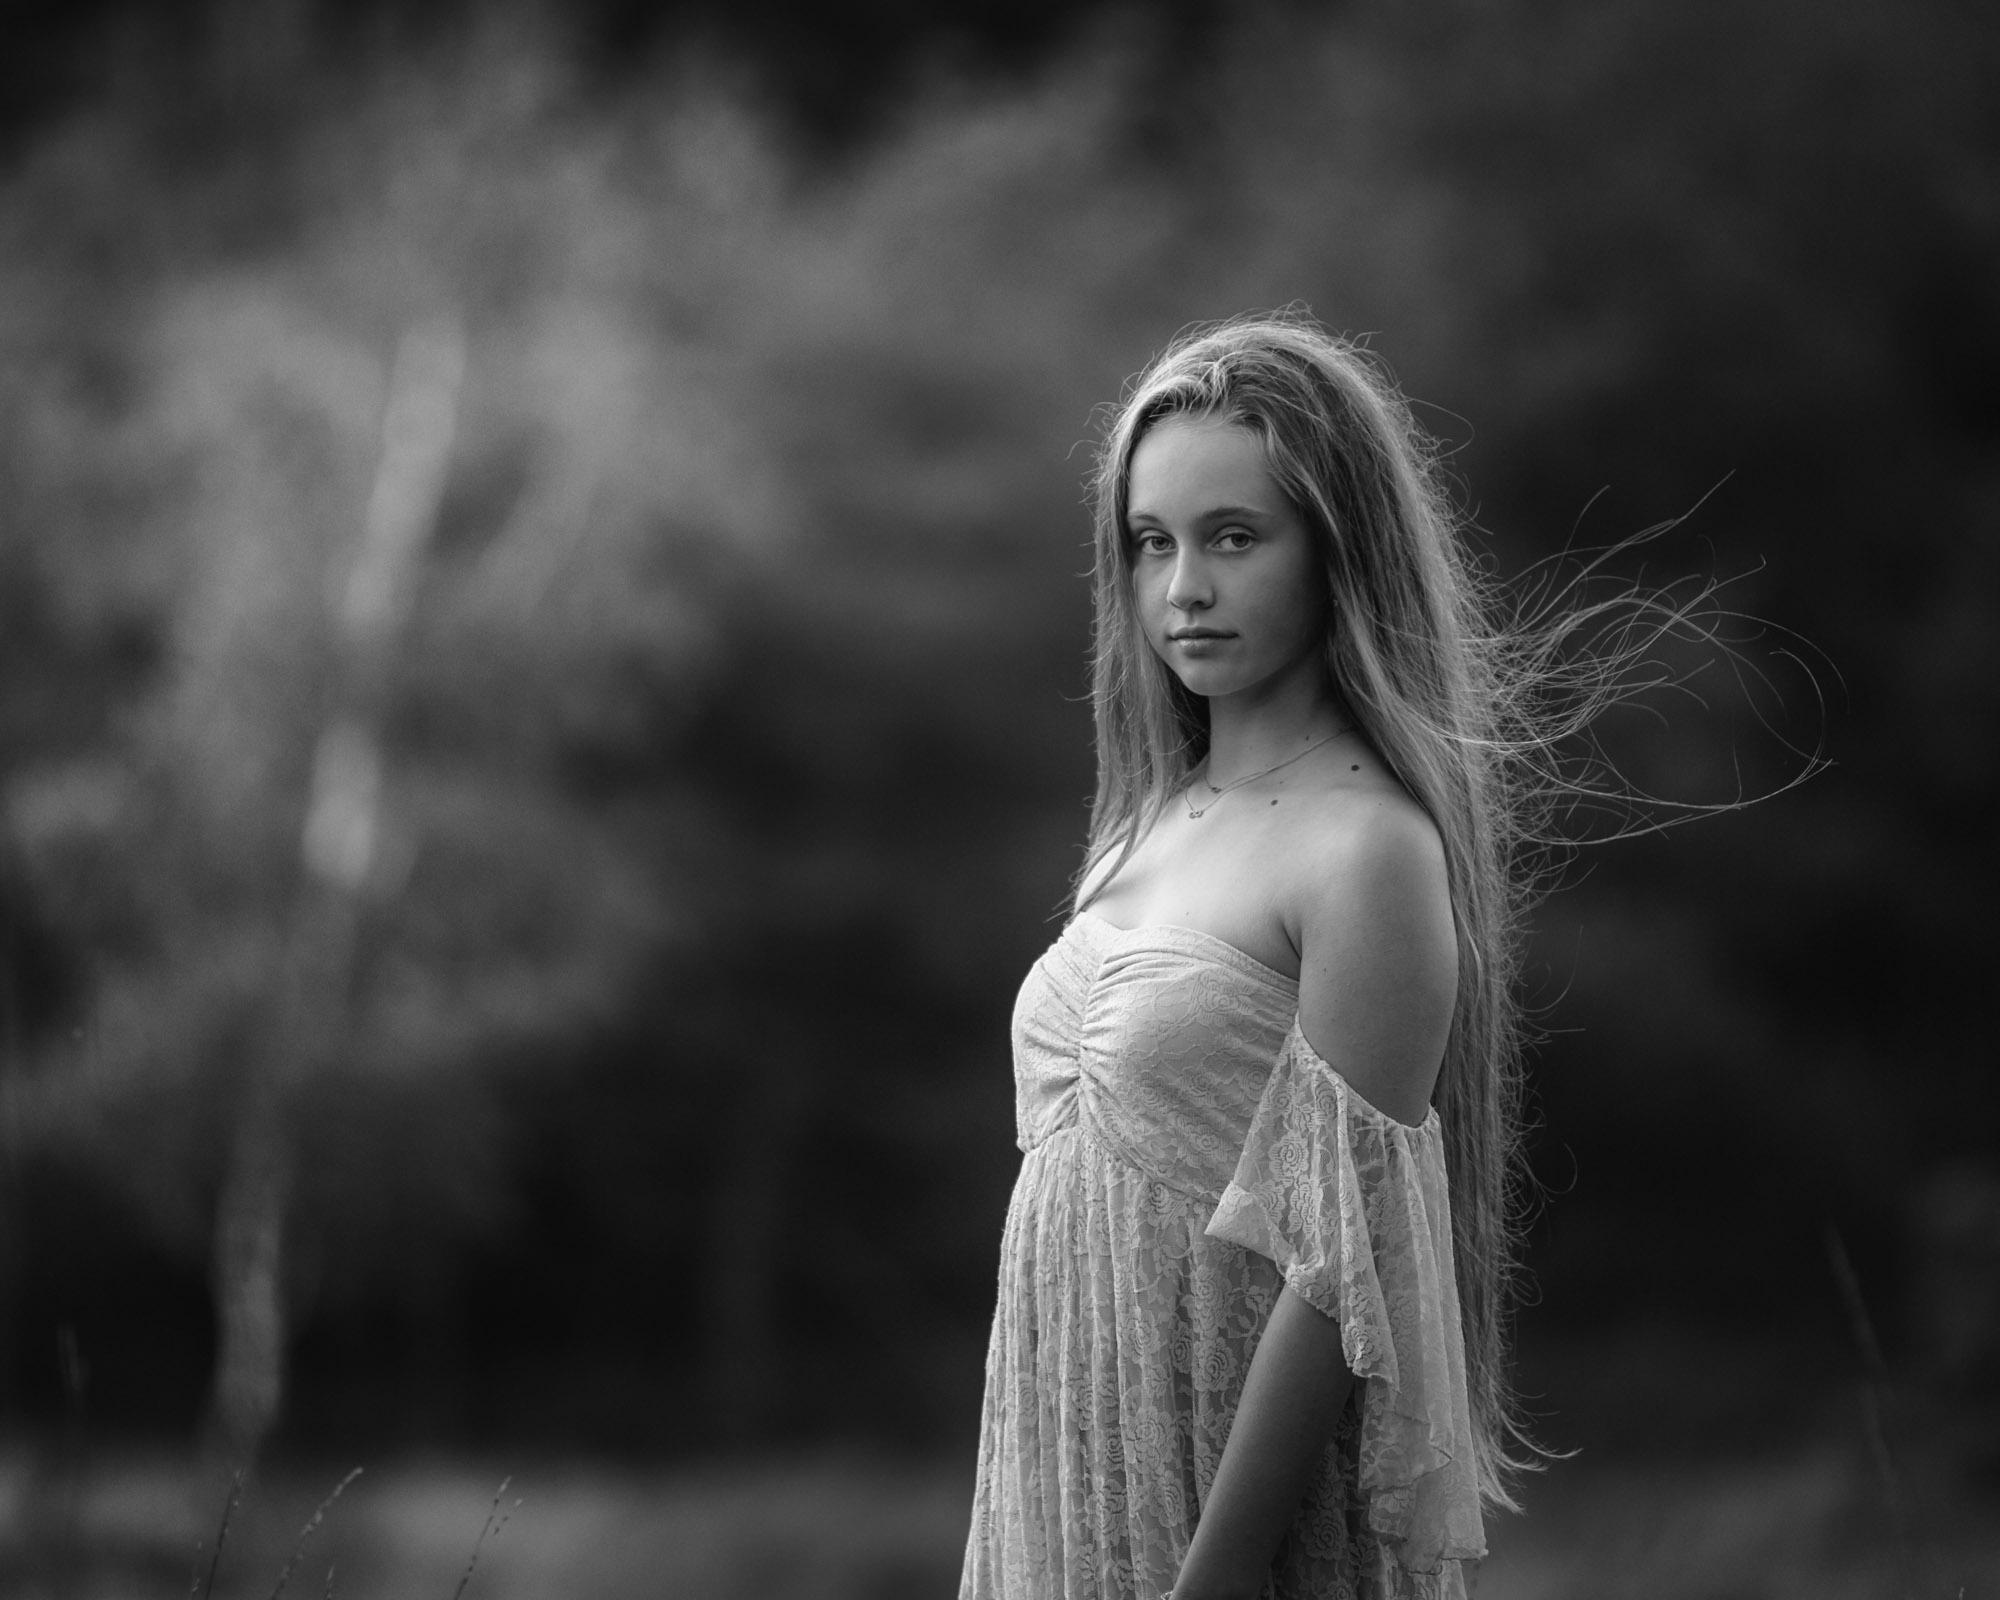 Romantisch zwartwit portret van meisje met lang haar door MayraFotografie